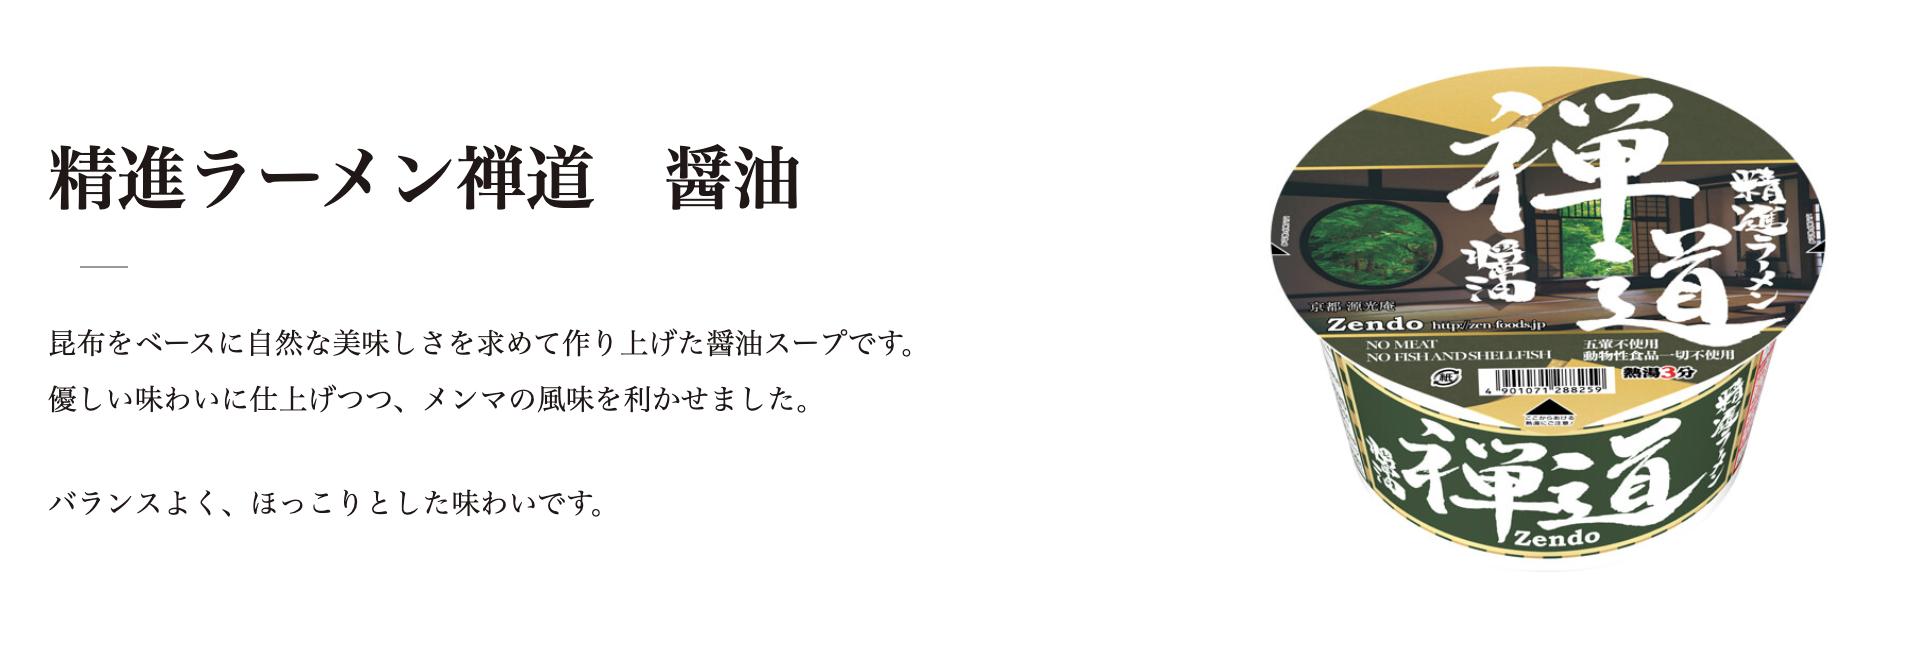 Zen Cup noodle https://zen-foods.jp